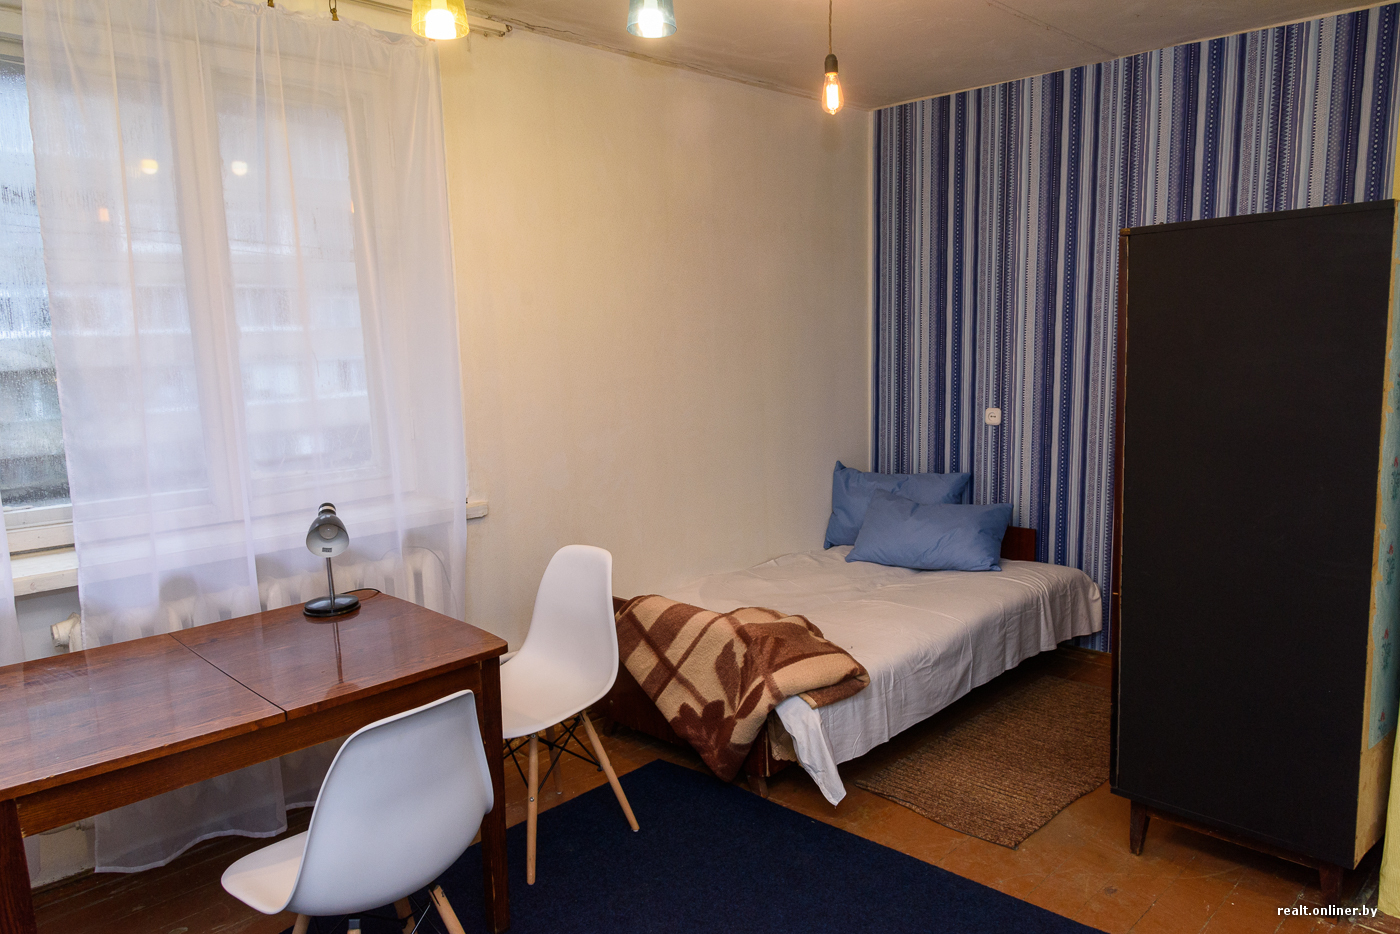 Как сделать комнату уютной без ремонта фото 25